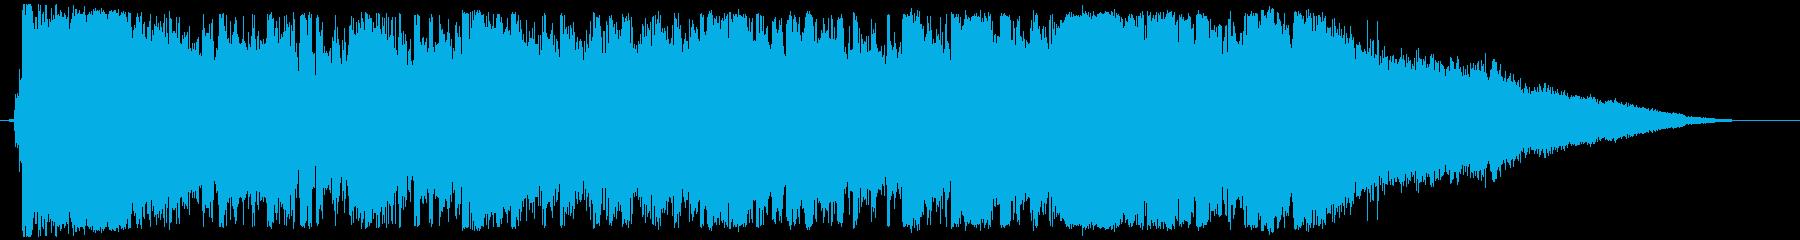 ディズニー風ワルツの豪華なエンディングの再生済みの波形